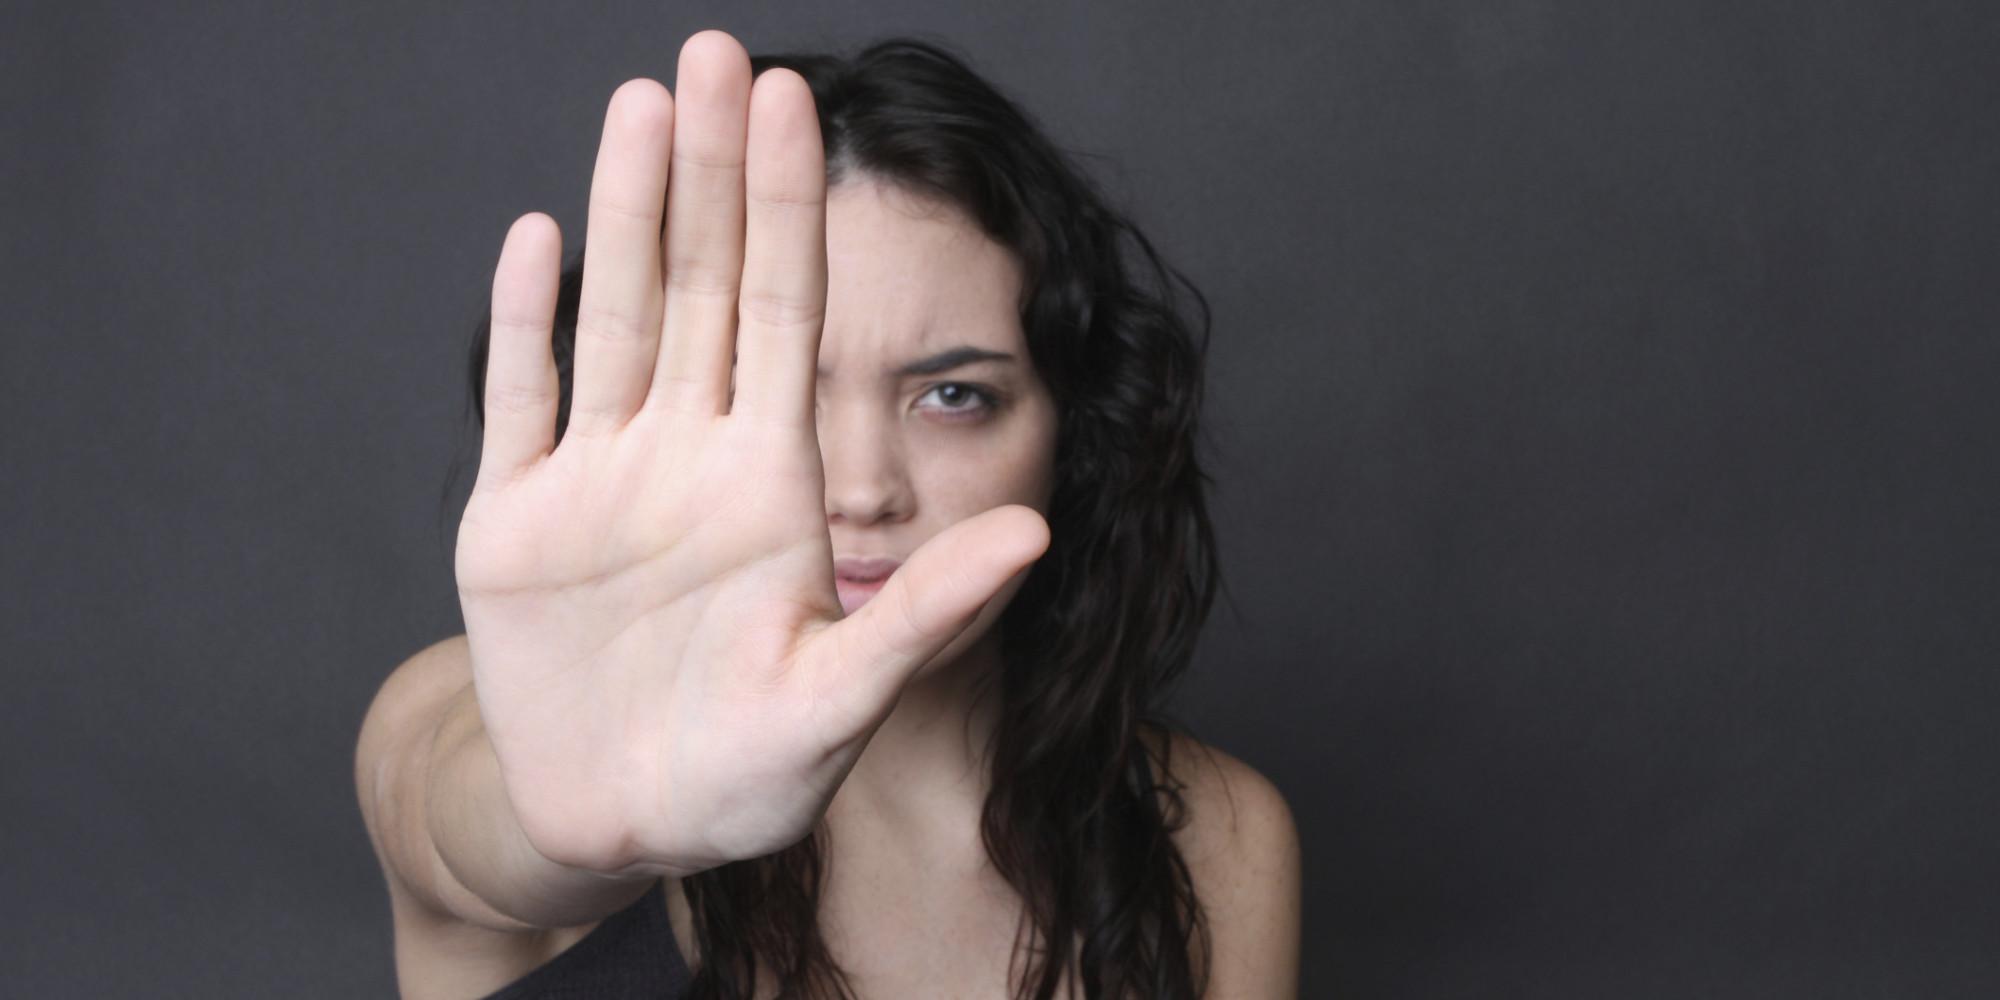 Resultado de imagem para violencia contra a mulher